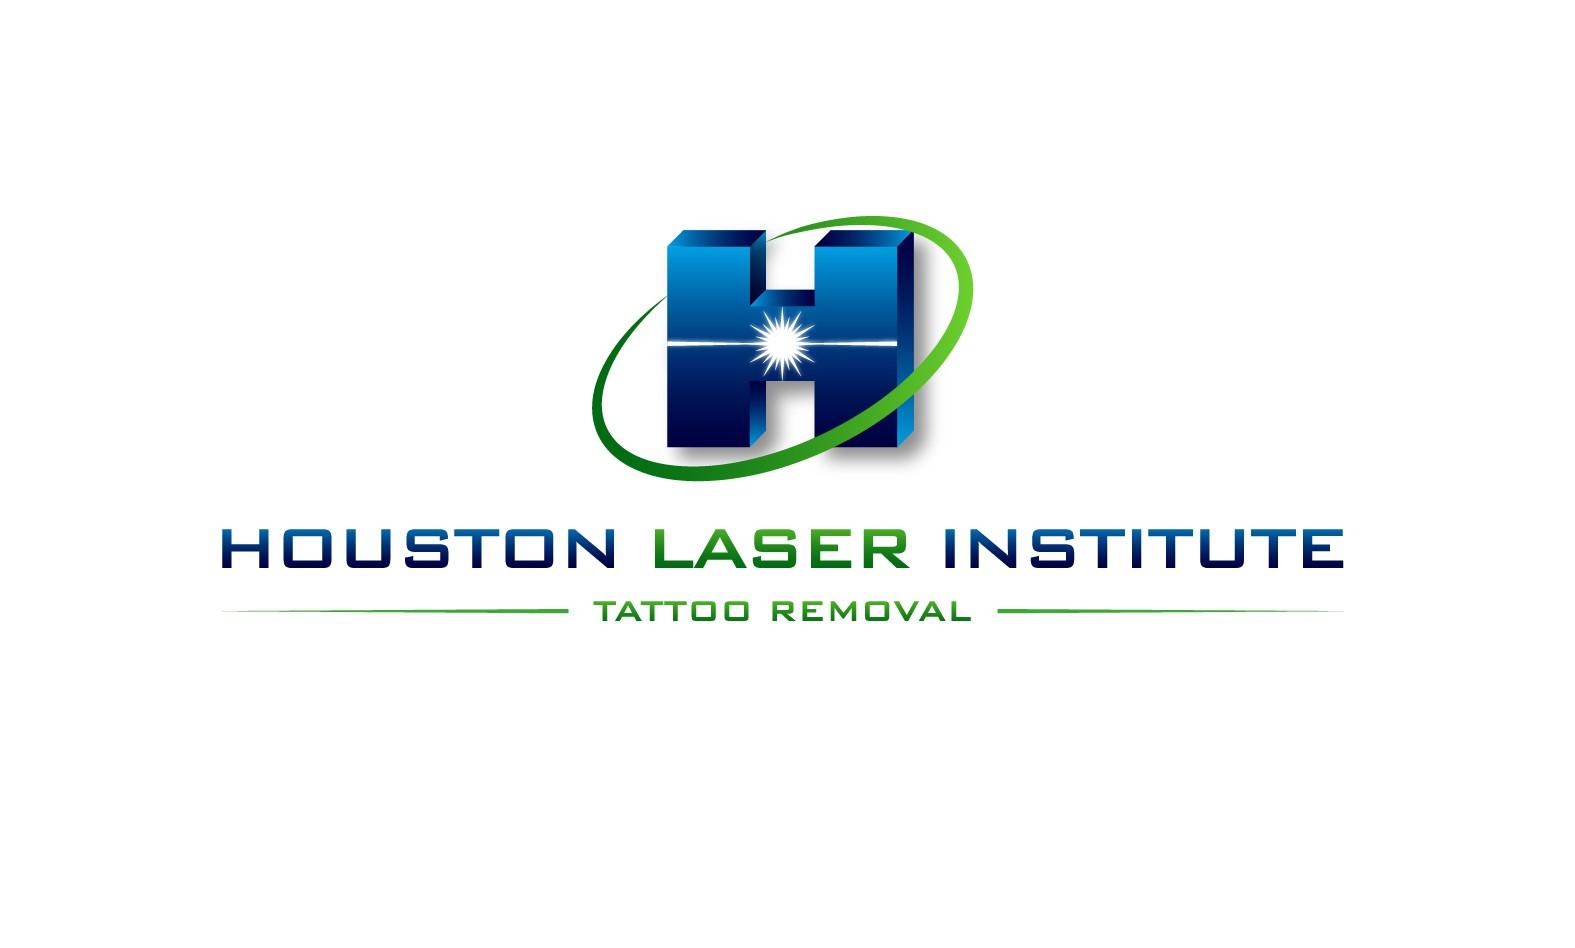 logo for Houston Laser Institute